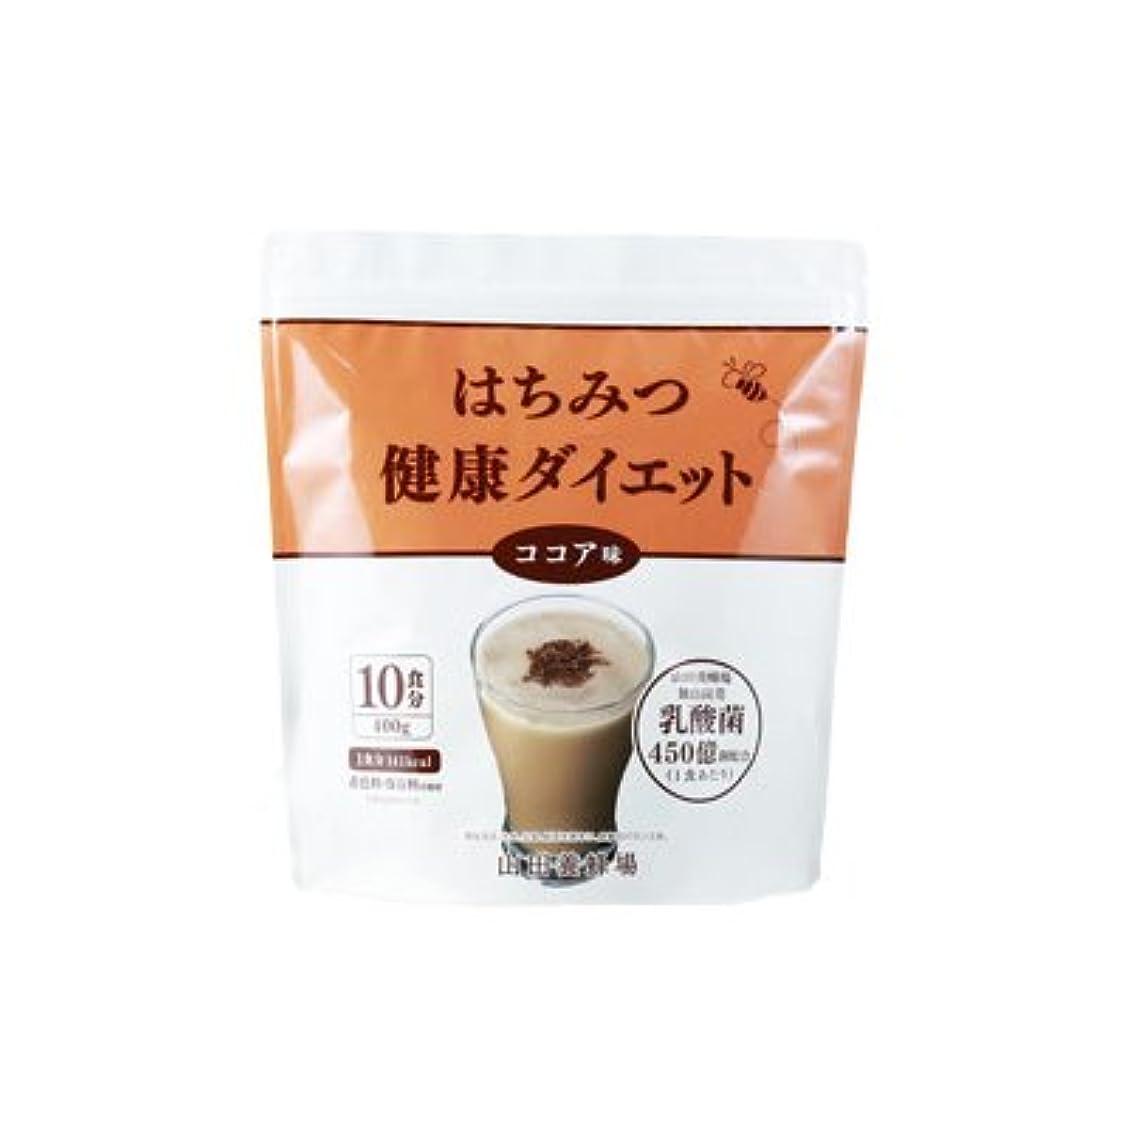 望まないうっかり基本的なはちみつ健康ダイエット 【ココア味】400g(10食分)